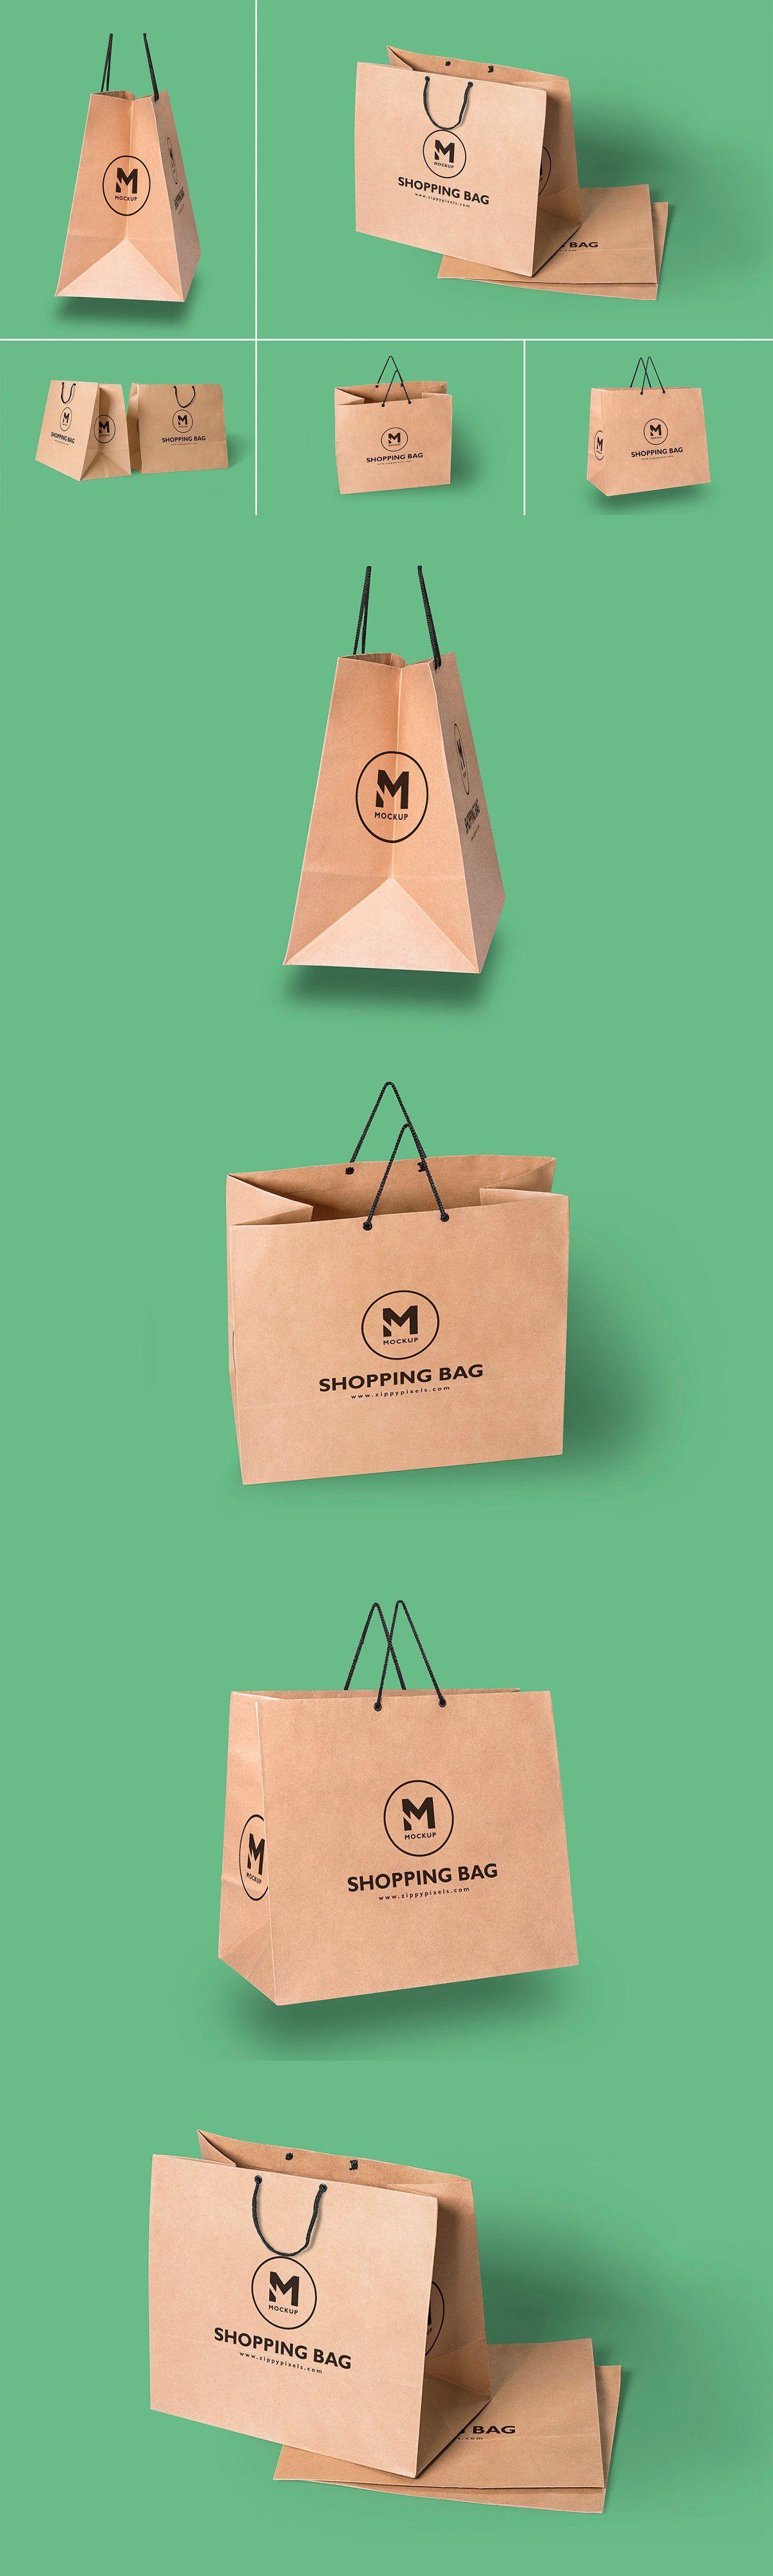 Download Paper Bag Mockups Bag Mockup Folding Bag Presentation Design